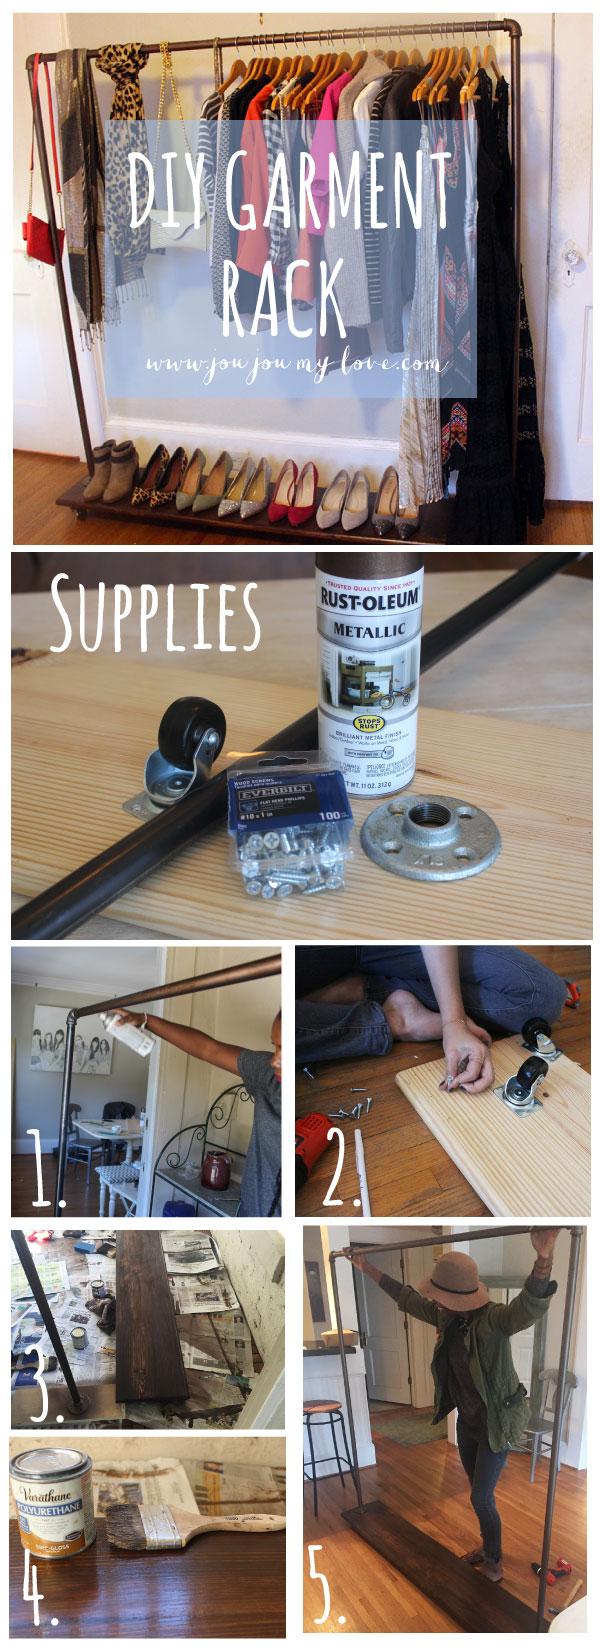 DIY-Garment-Rack-industrial-pipe-clothing